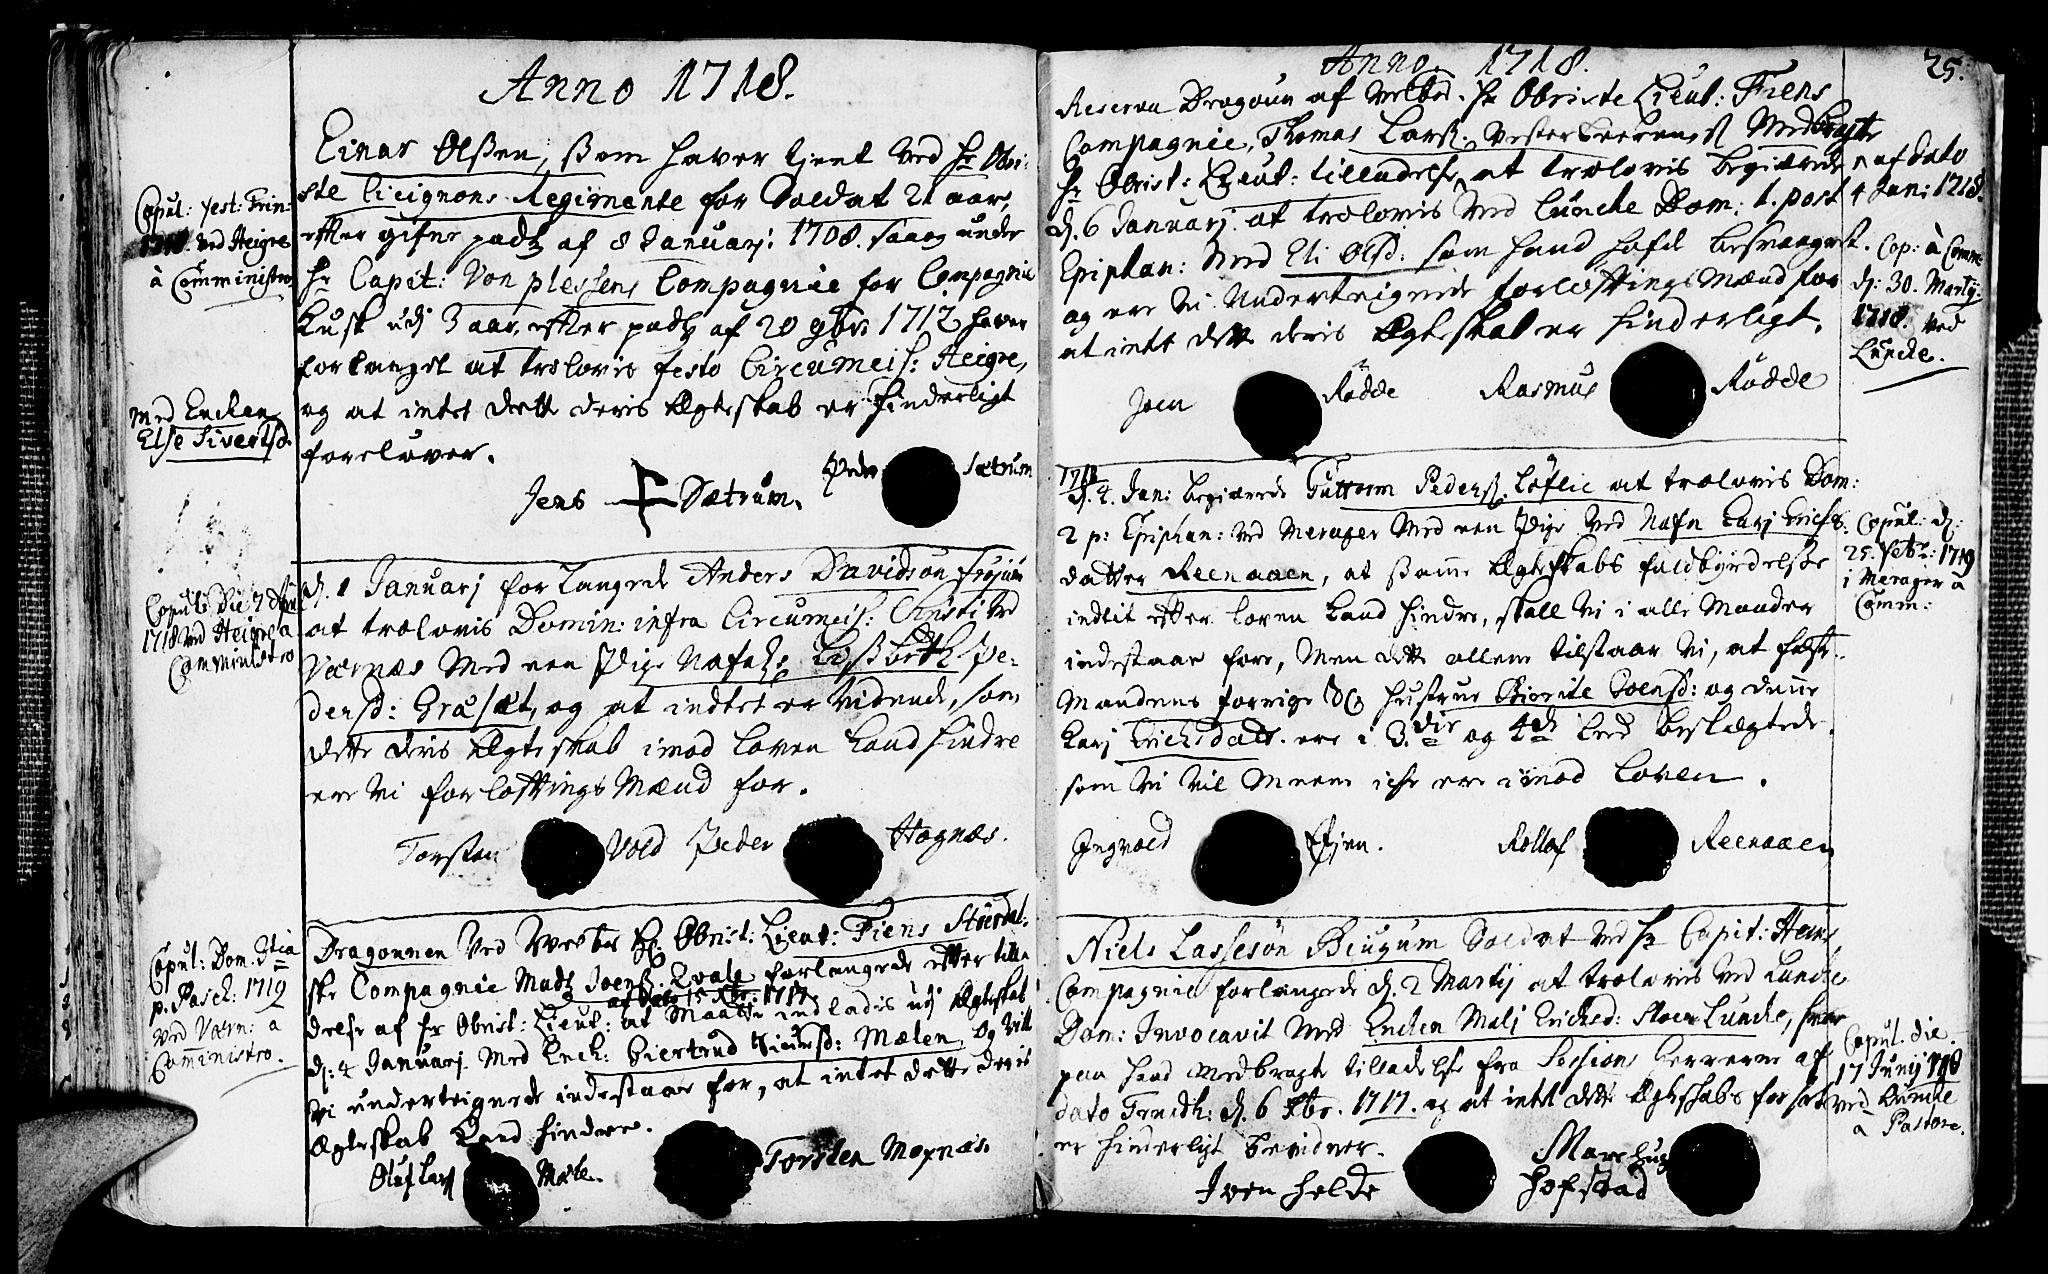 SAT, Ministerialprotokoller, klokkerbøker og fødselsregistre - Nord-Trøndelag, 709/L0053: Ministerialbok nr. 709A01, 1714-1729, s. 25